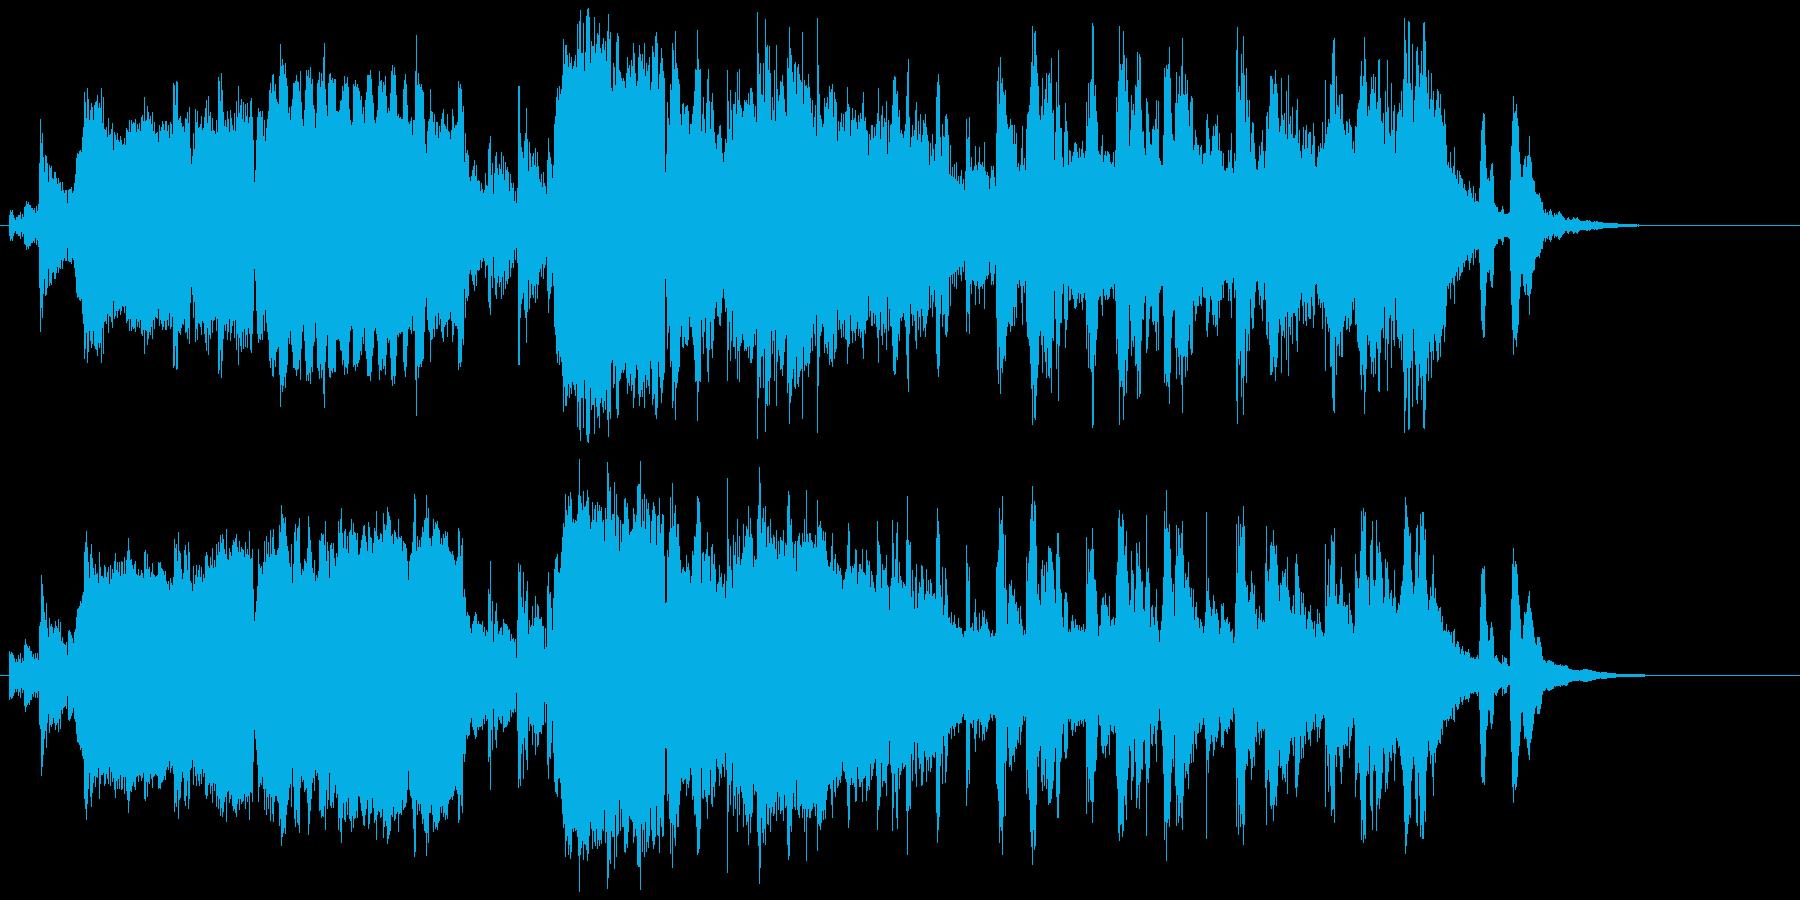 和風迫力ジングル 尺八現代的壮大パワフルの再生済みの波形